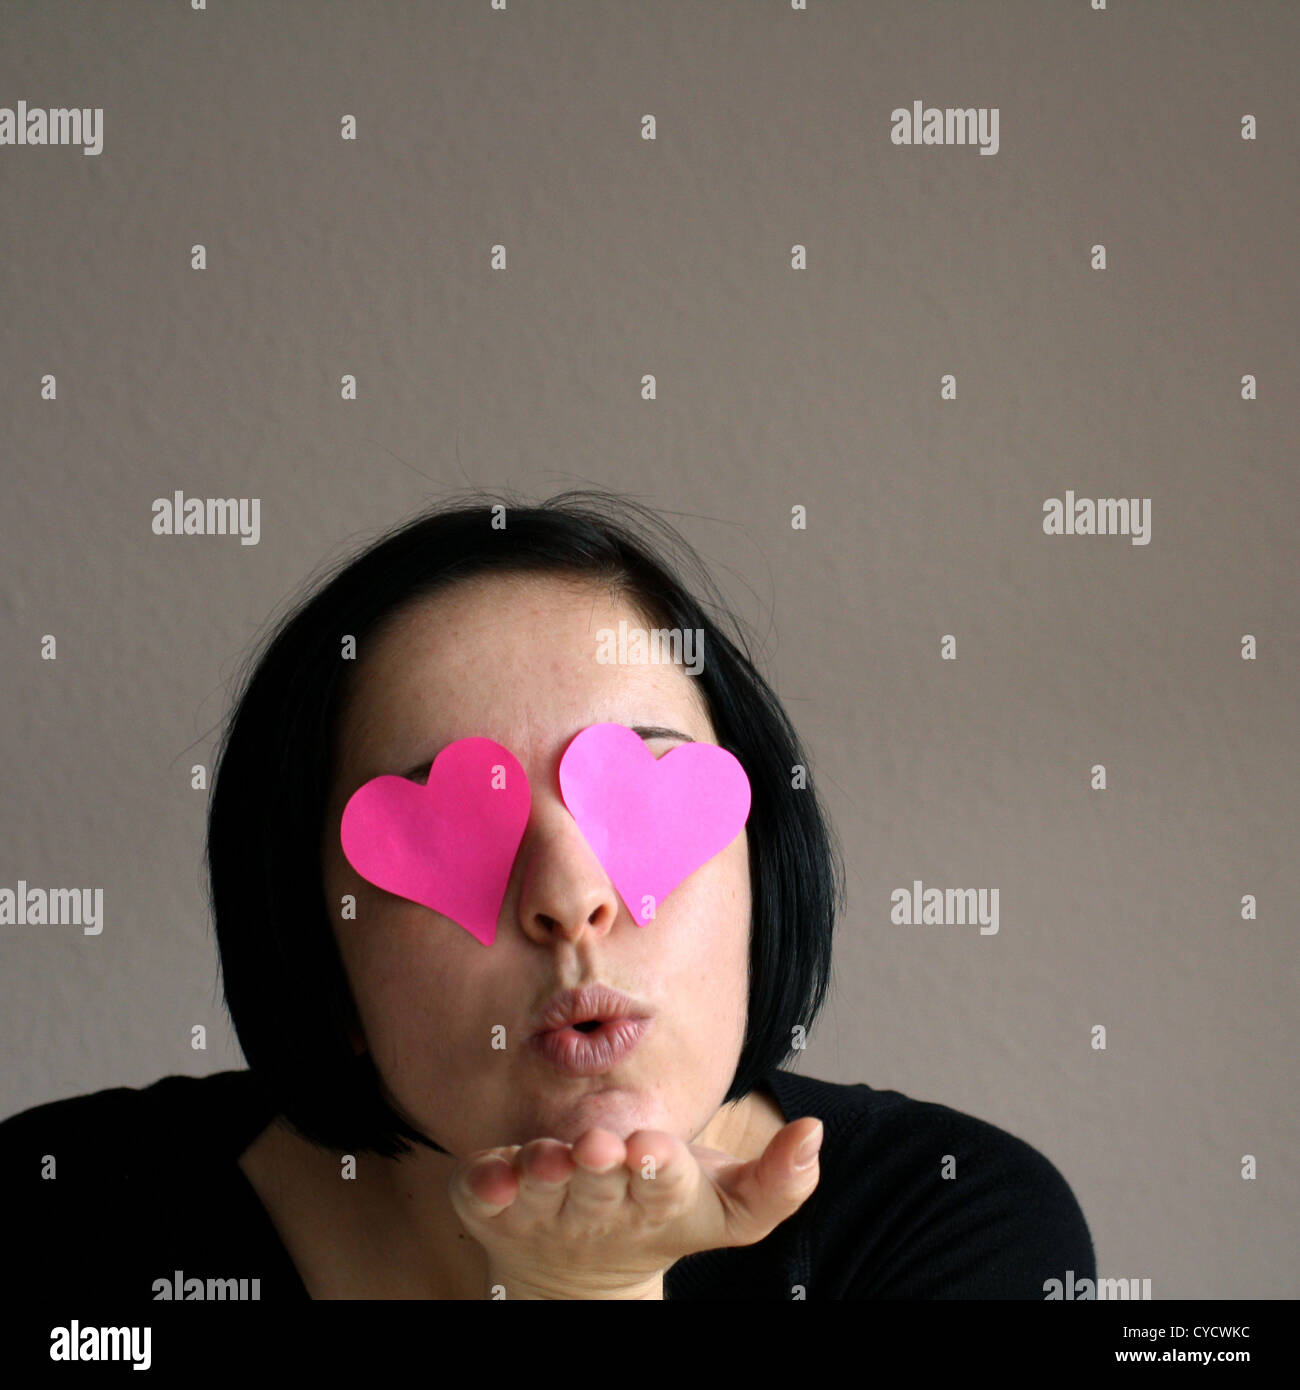 liebevolle, rosa Brille, einen Kuss Stockbild